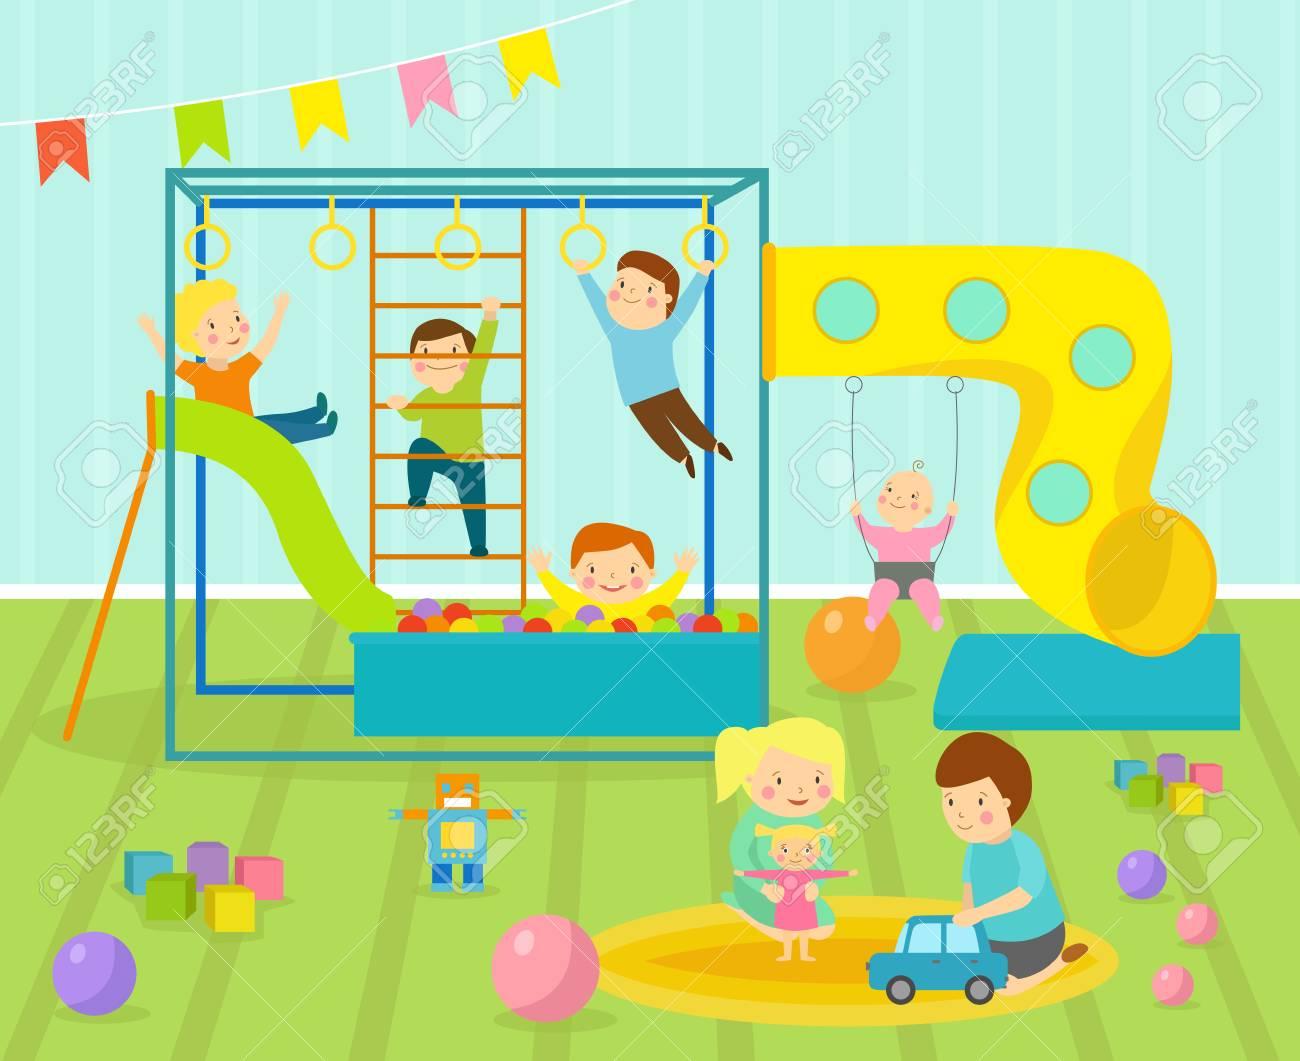 Décor Salle De Jeux les enfants salle de jeux avec un mobilier léger décor aire de jeux et  jouets sur le tapis de sol décoration style cartoon plat intérieur  confortable